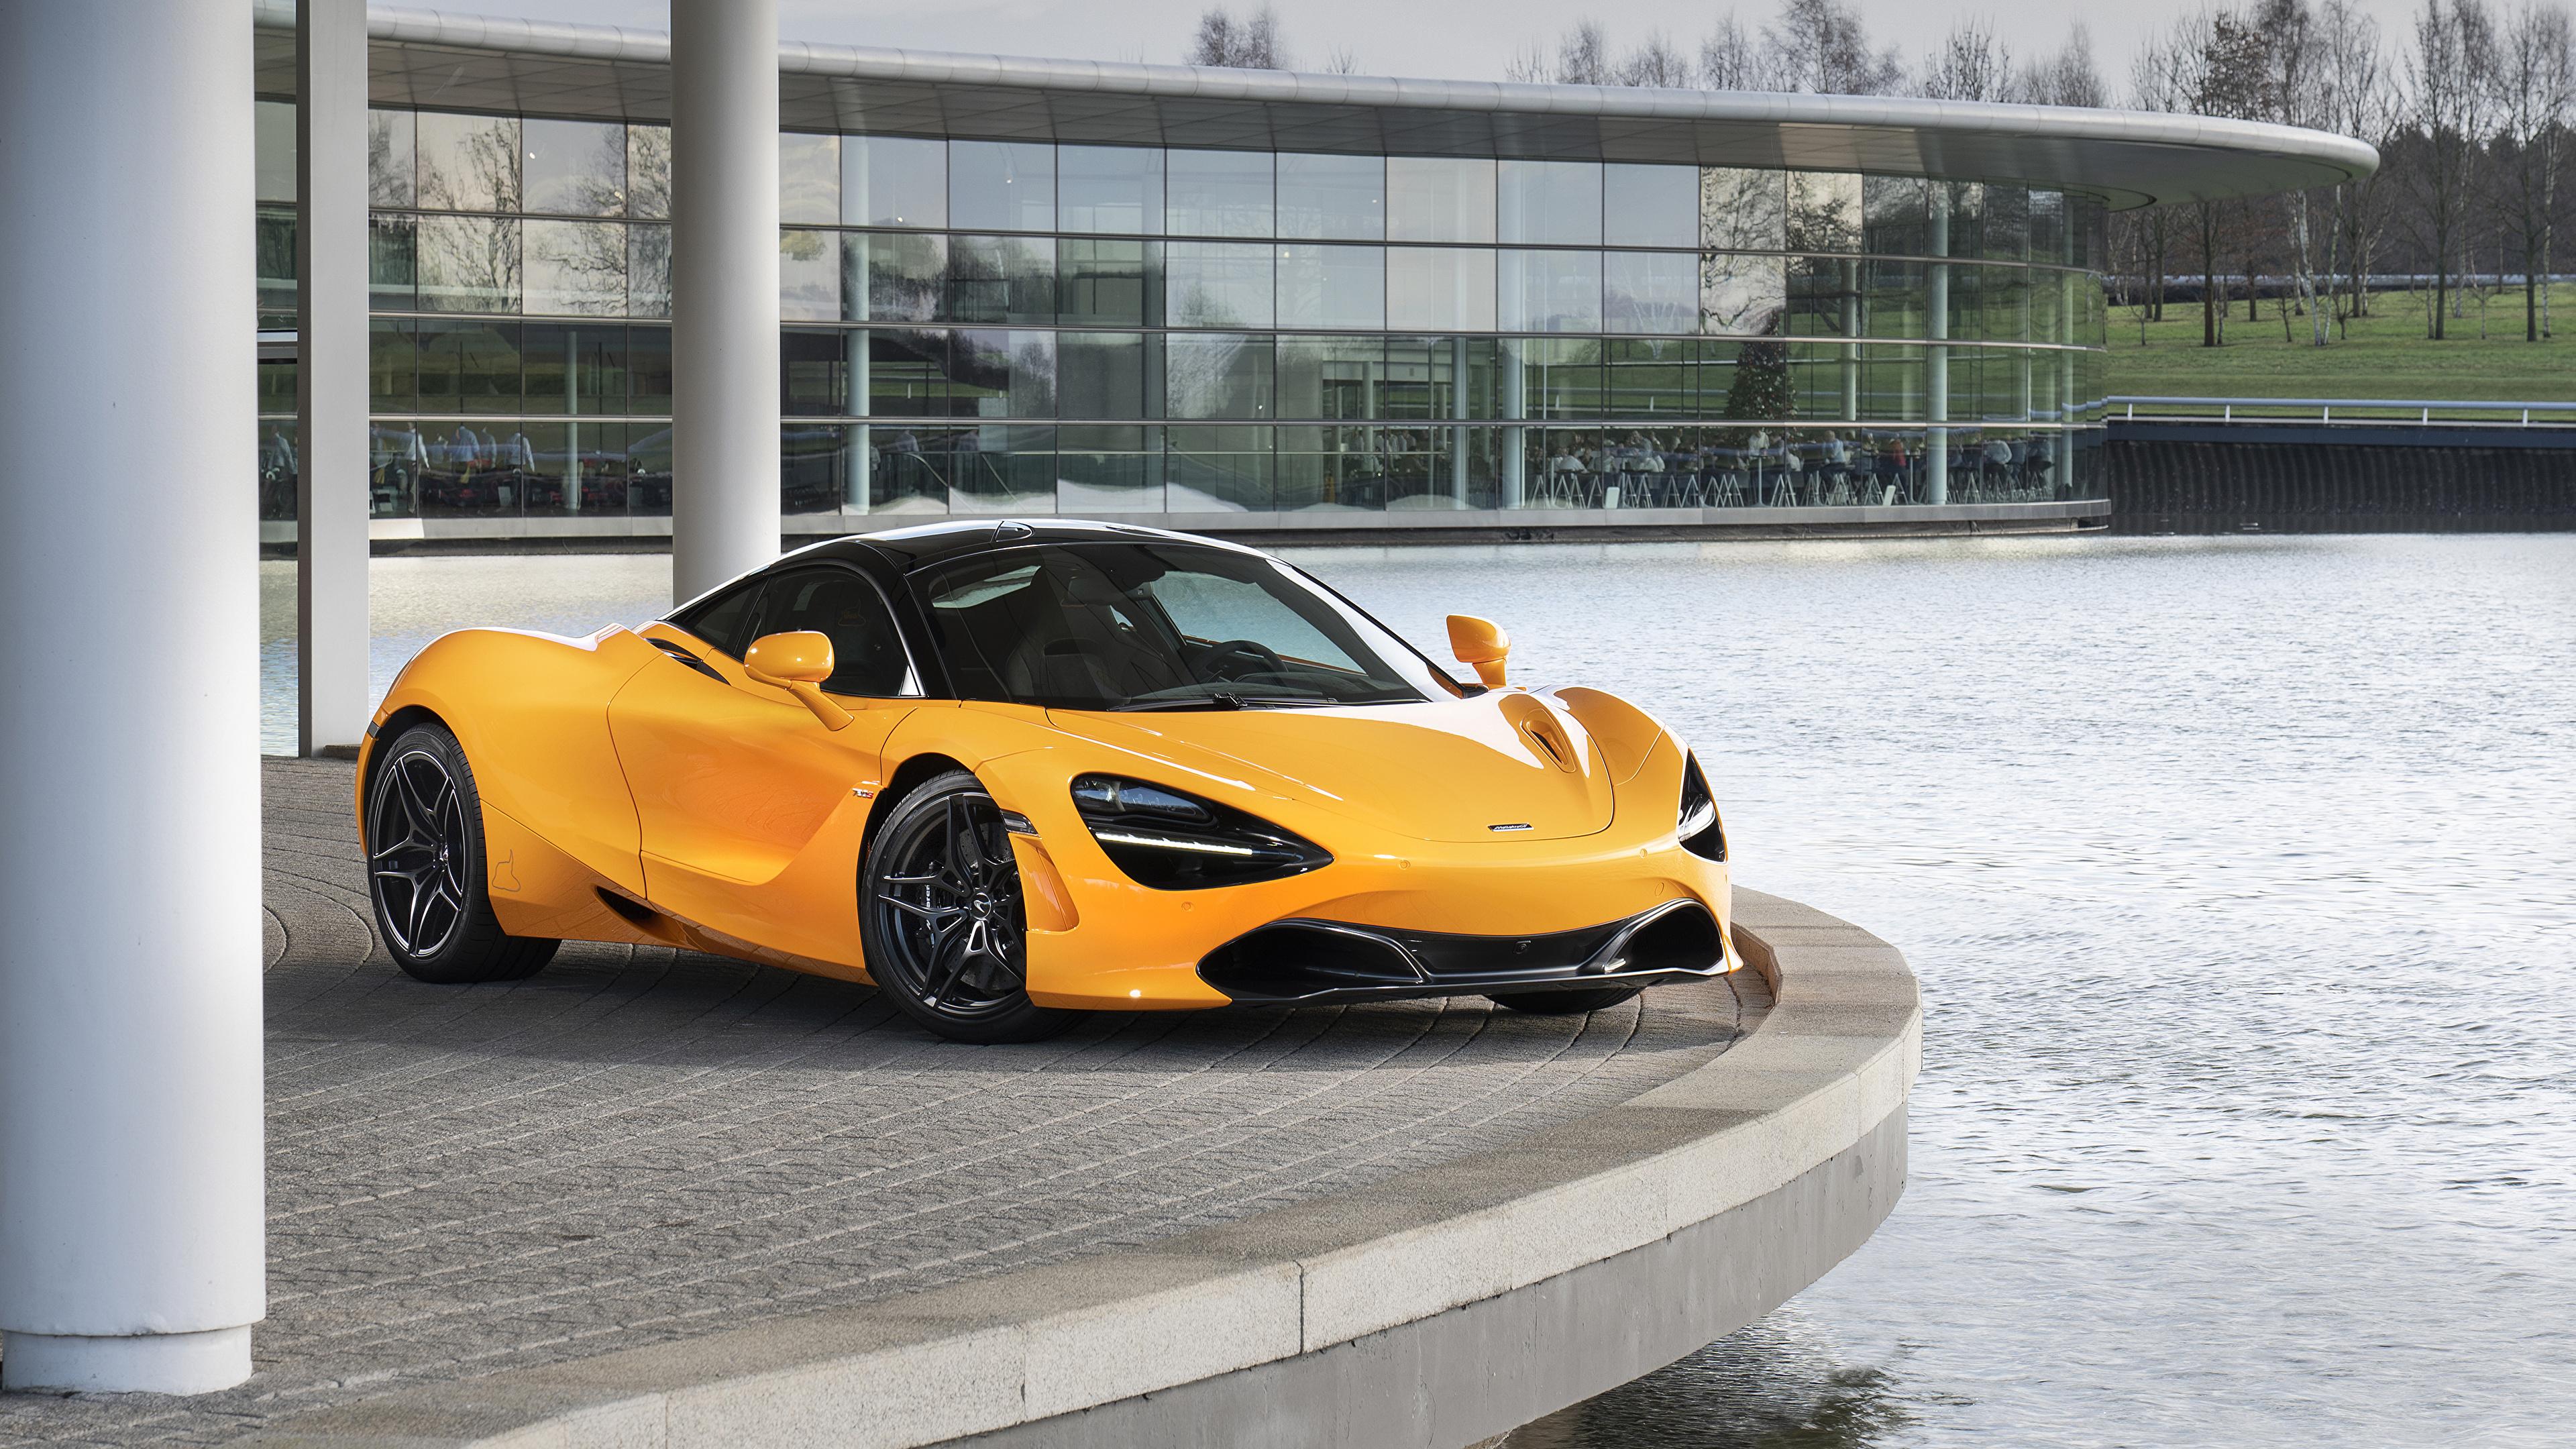 Фото Макларен 2019 MSO 720S Желтый Авто Металлик 3840x2160 McLaren Машины Автомобили